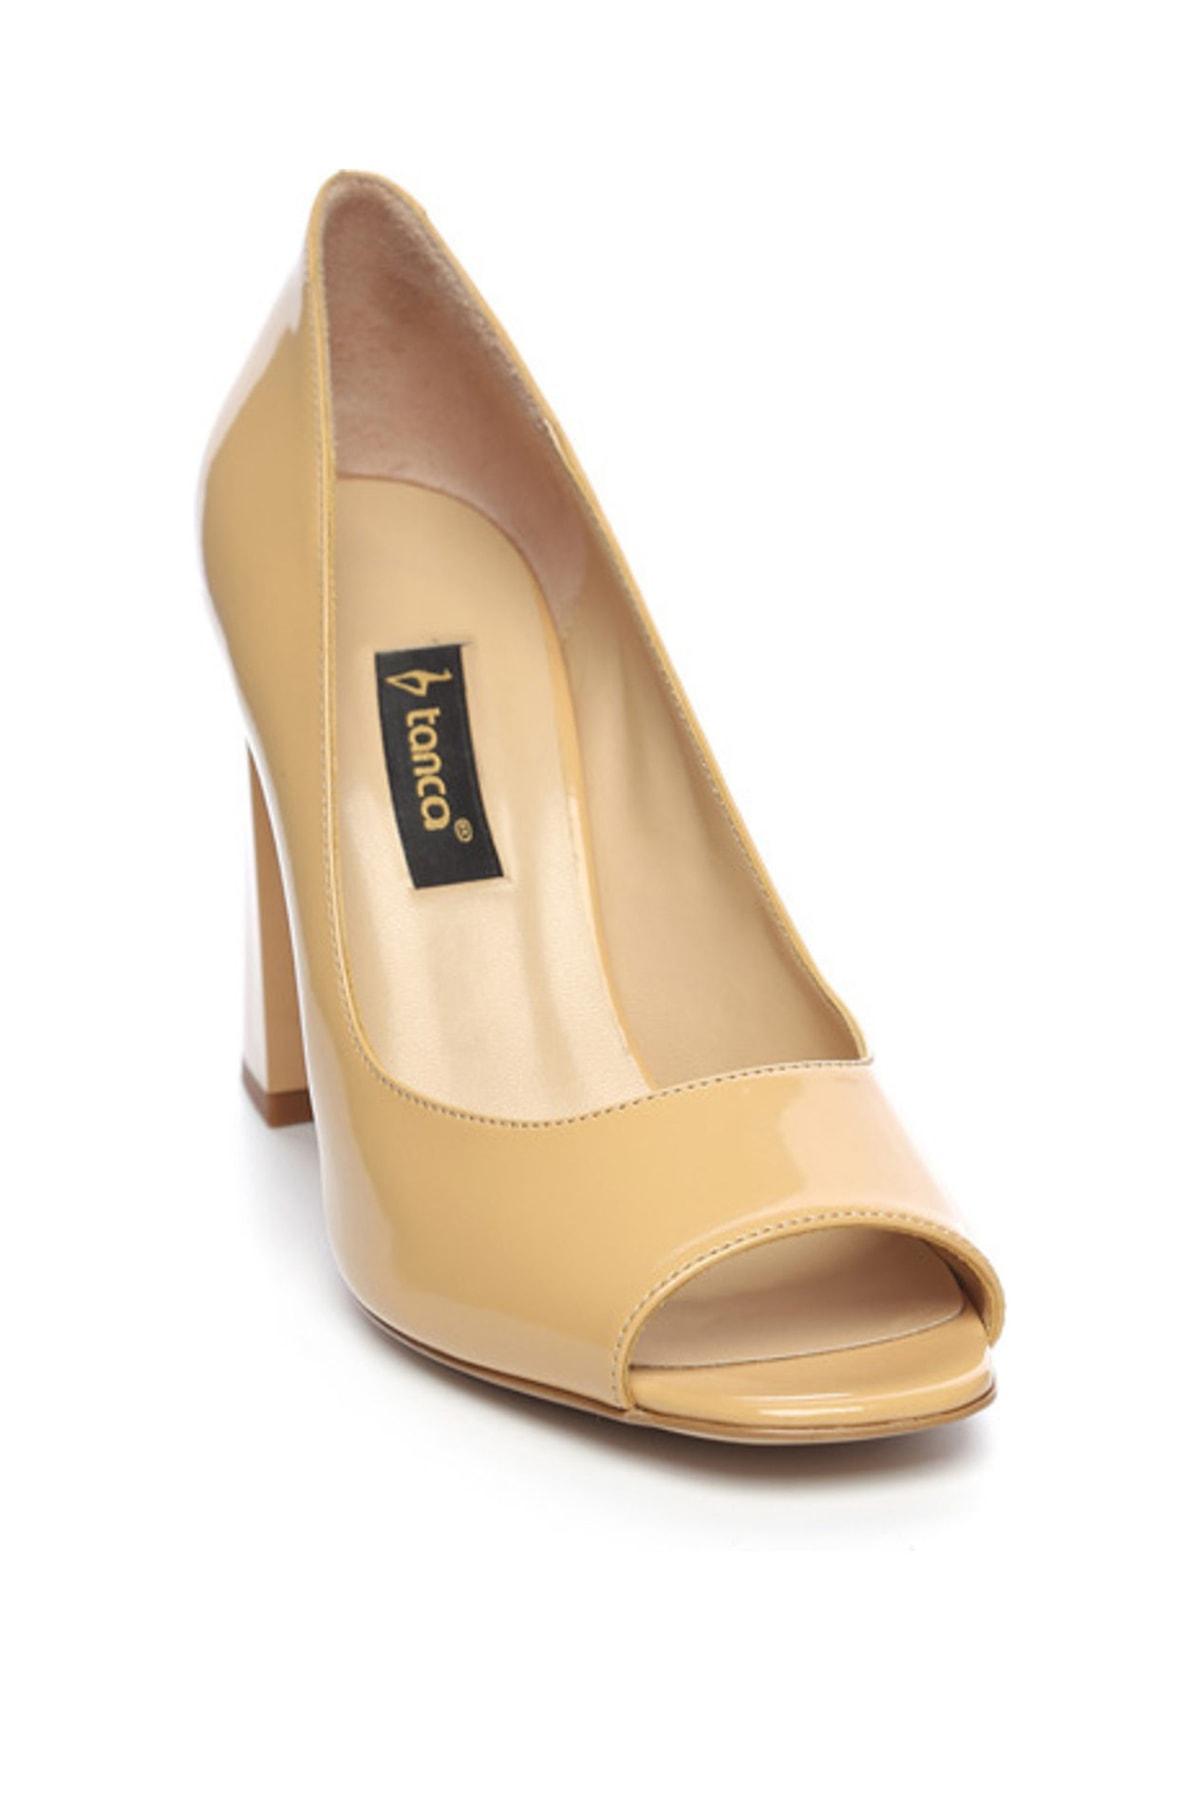 KEMAL TANCA Hakiki Deri Sarı Kadın Kalın Topuklu Ayakkabı 613 23532 BN AYK 2